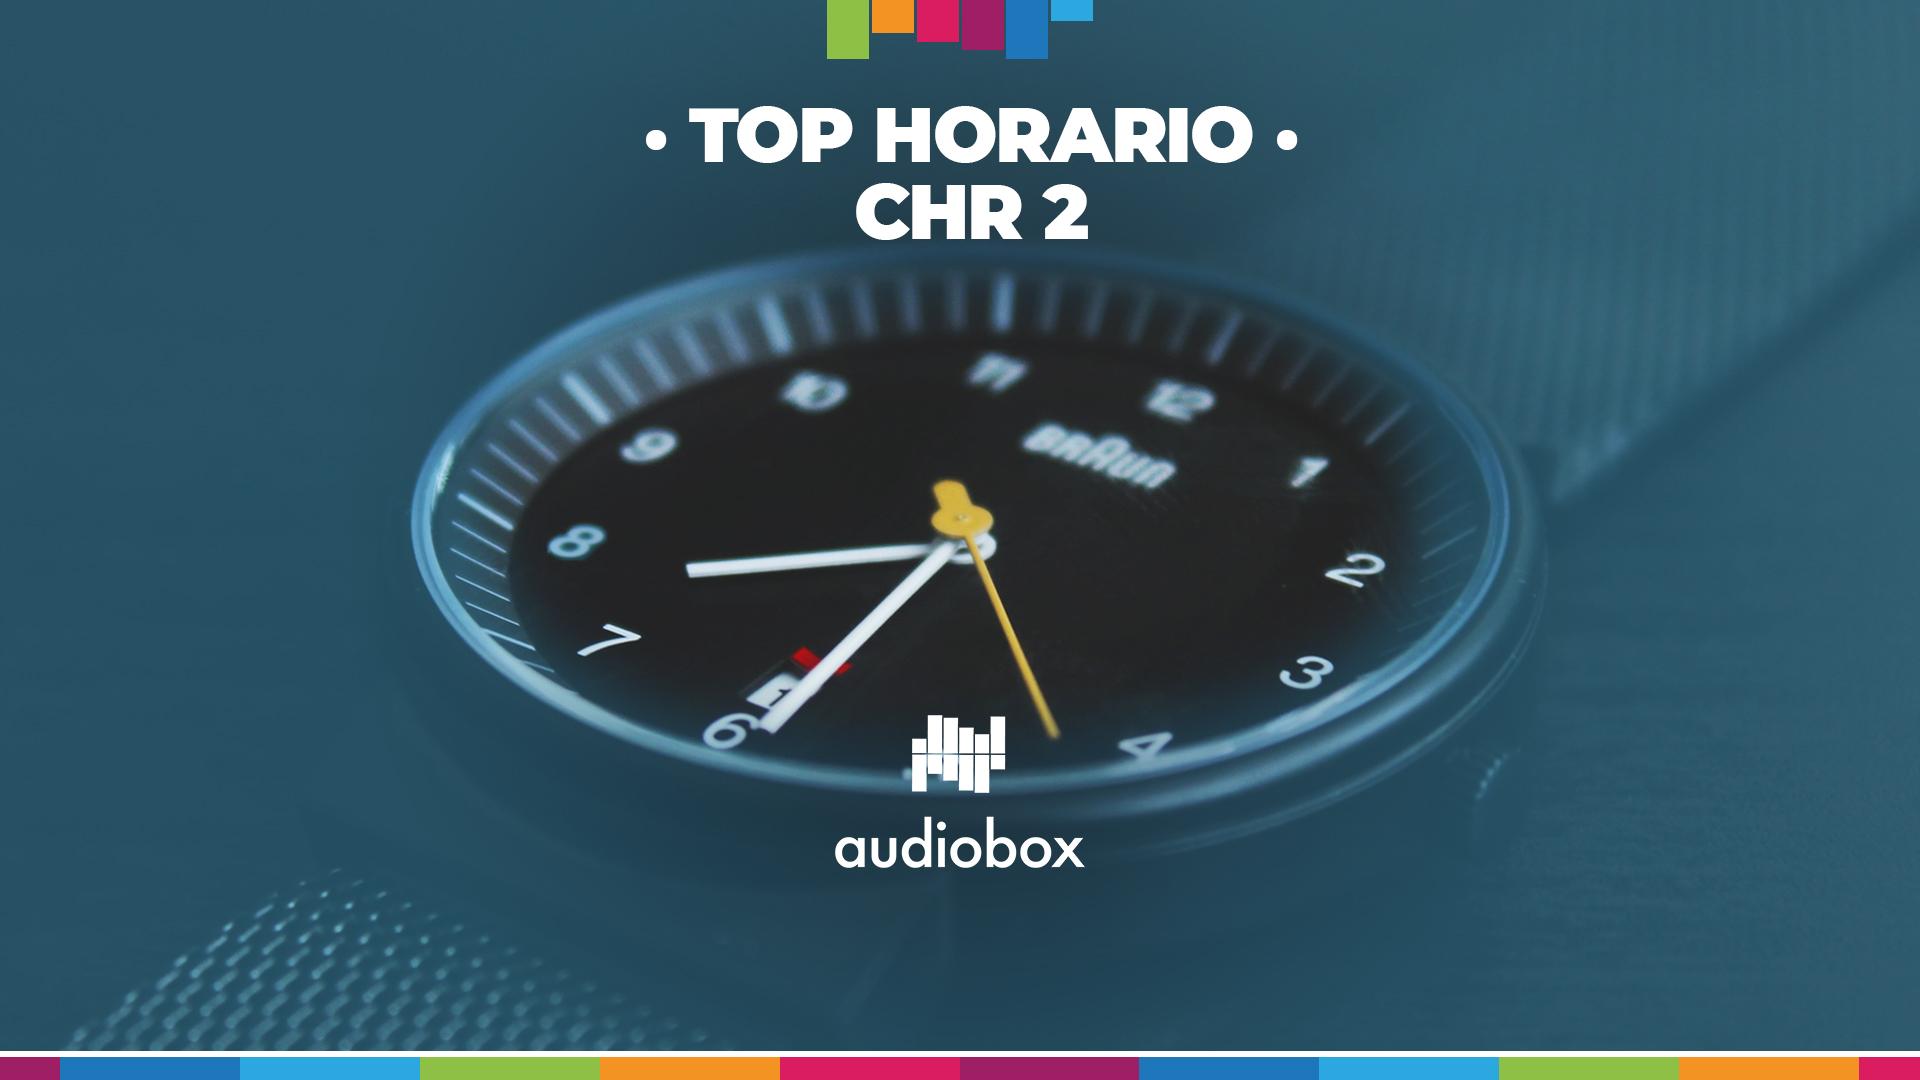 TOP HORARIO CHR 2